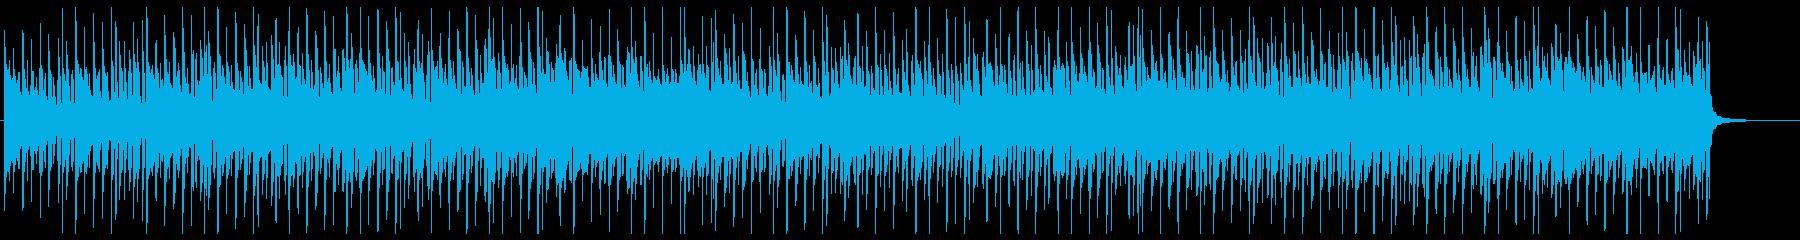 少し昔の恋愛ゲーム風日常BGMの再生済みの波形